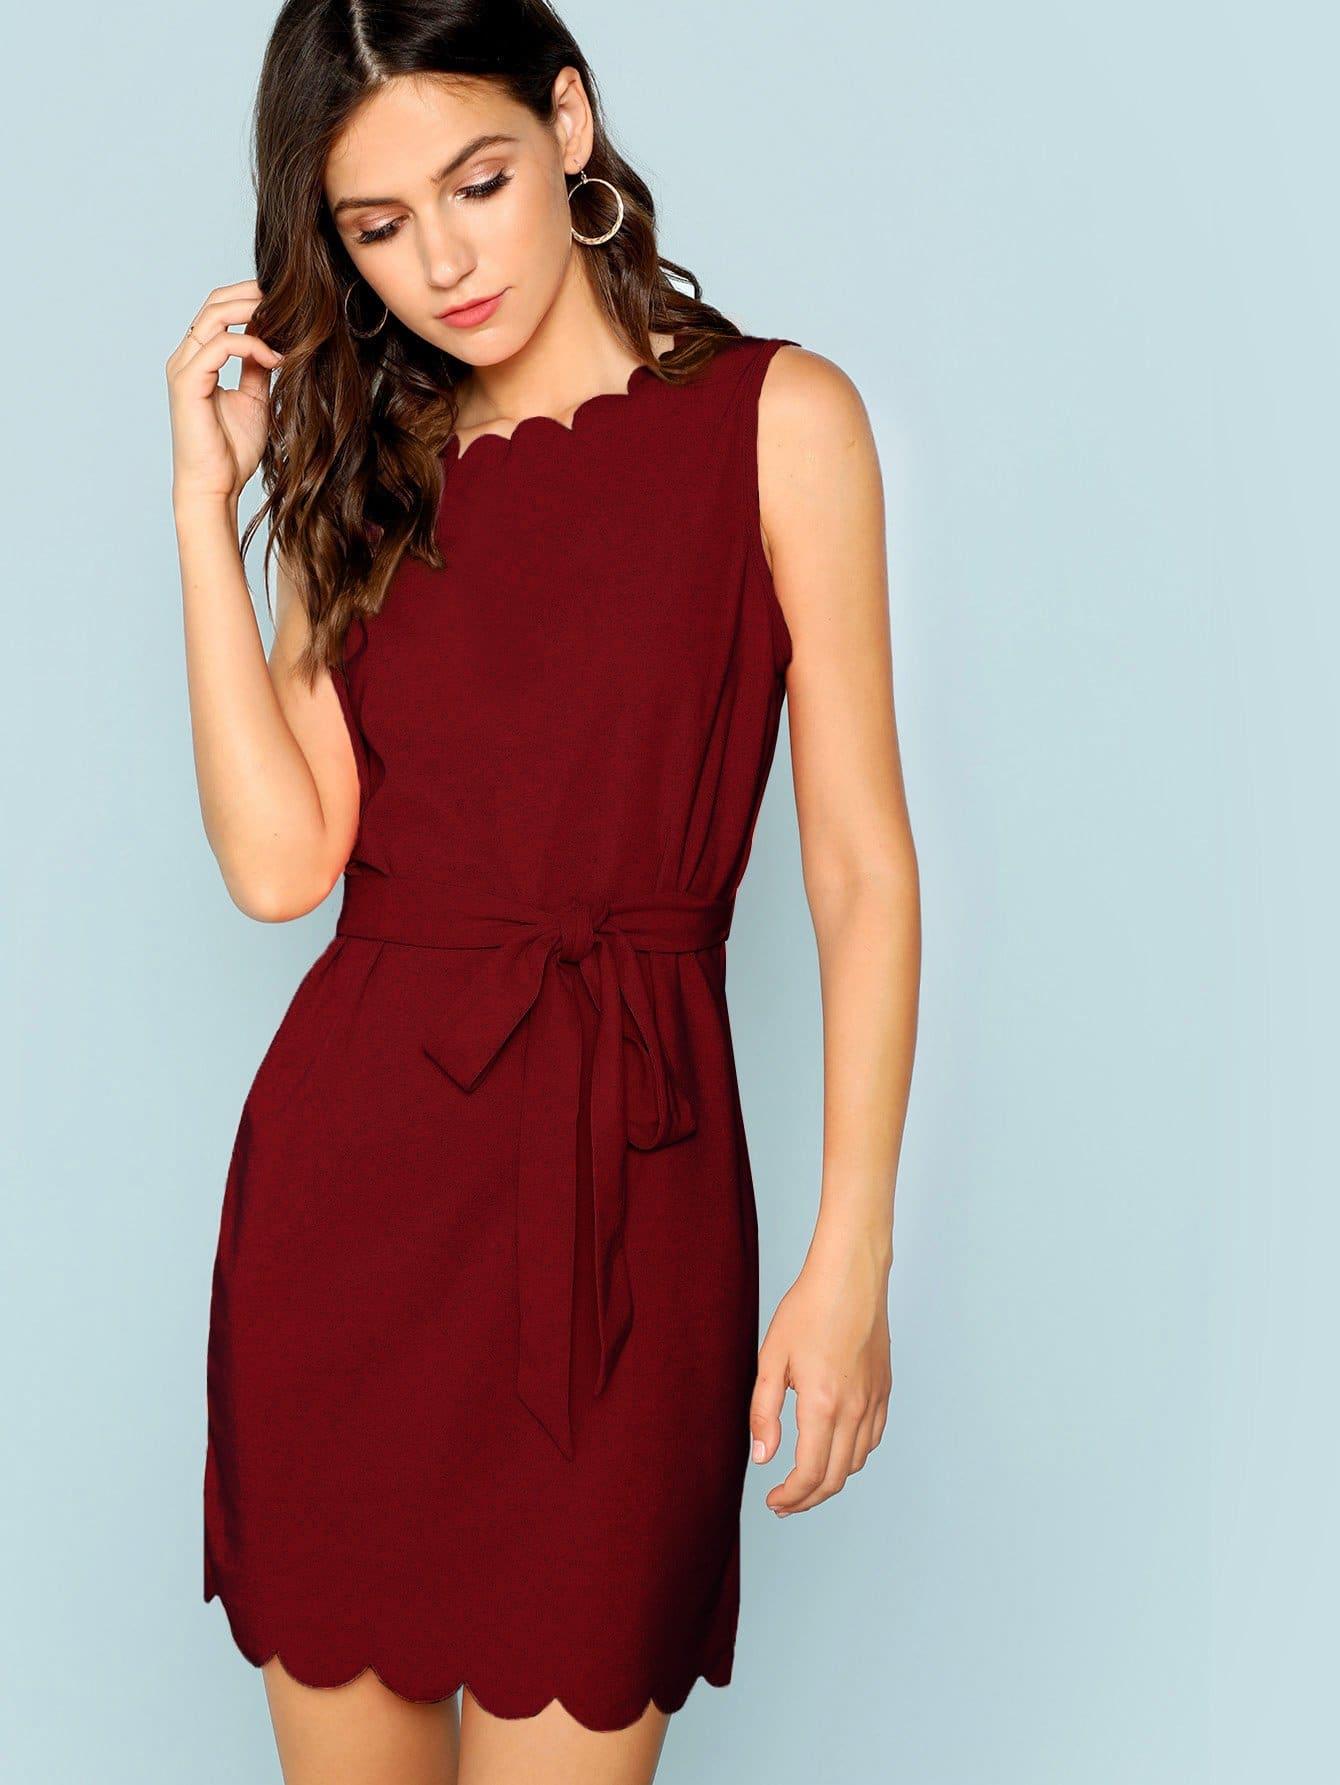 Купить Платье с веерообразной отделкой с завязкой на талии, Zoranaa, SheIn